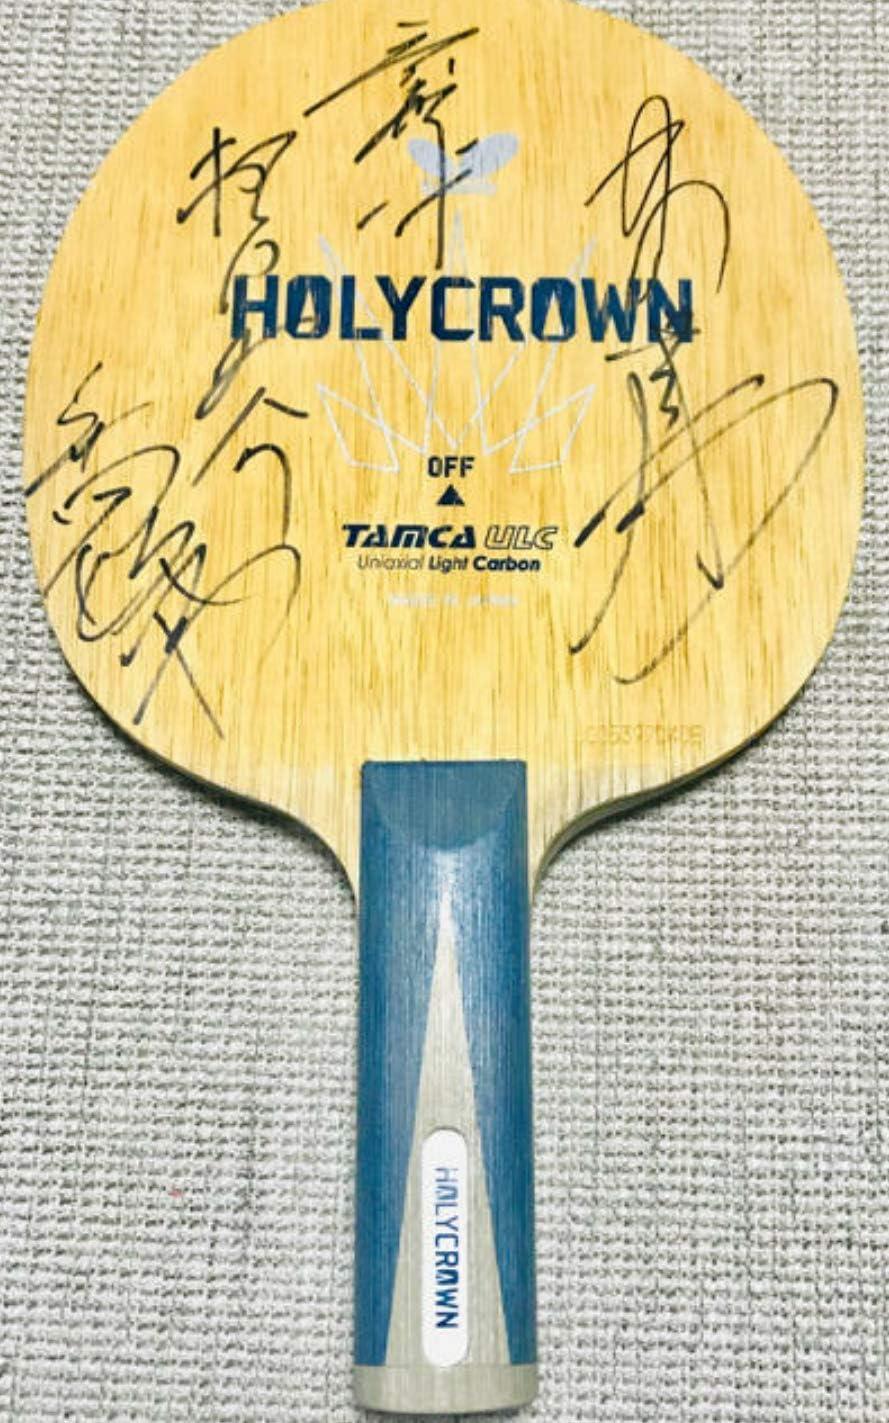 【廃盤旧ロット】卓球ラケット ホーリークラウン 84g